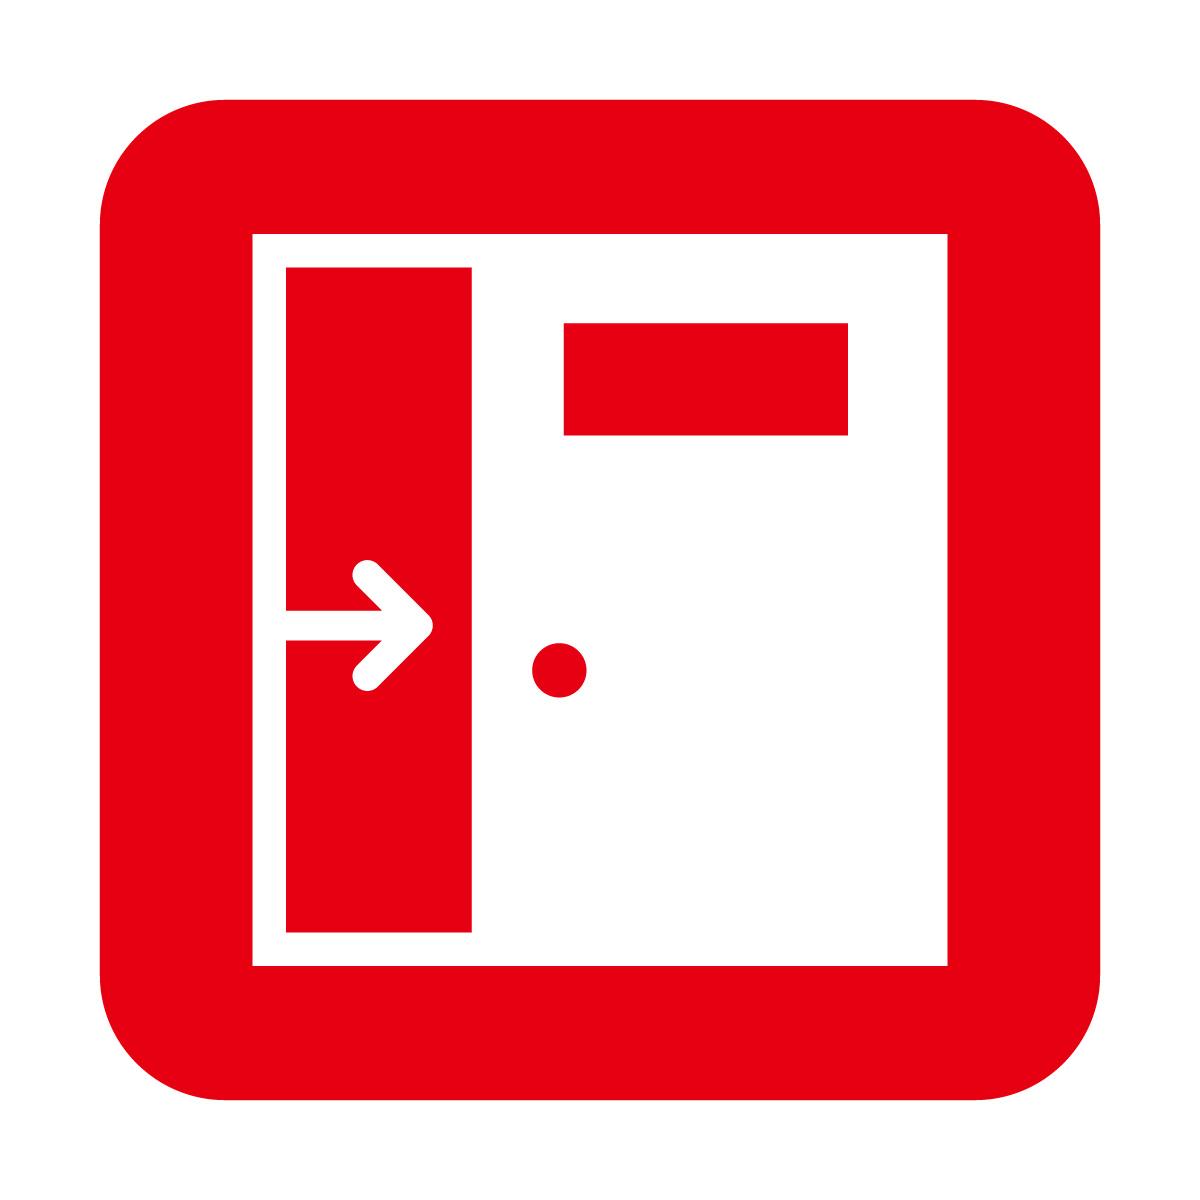 赤色の引き戸・スライドドア案内マークのカッティングステッカー・シール